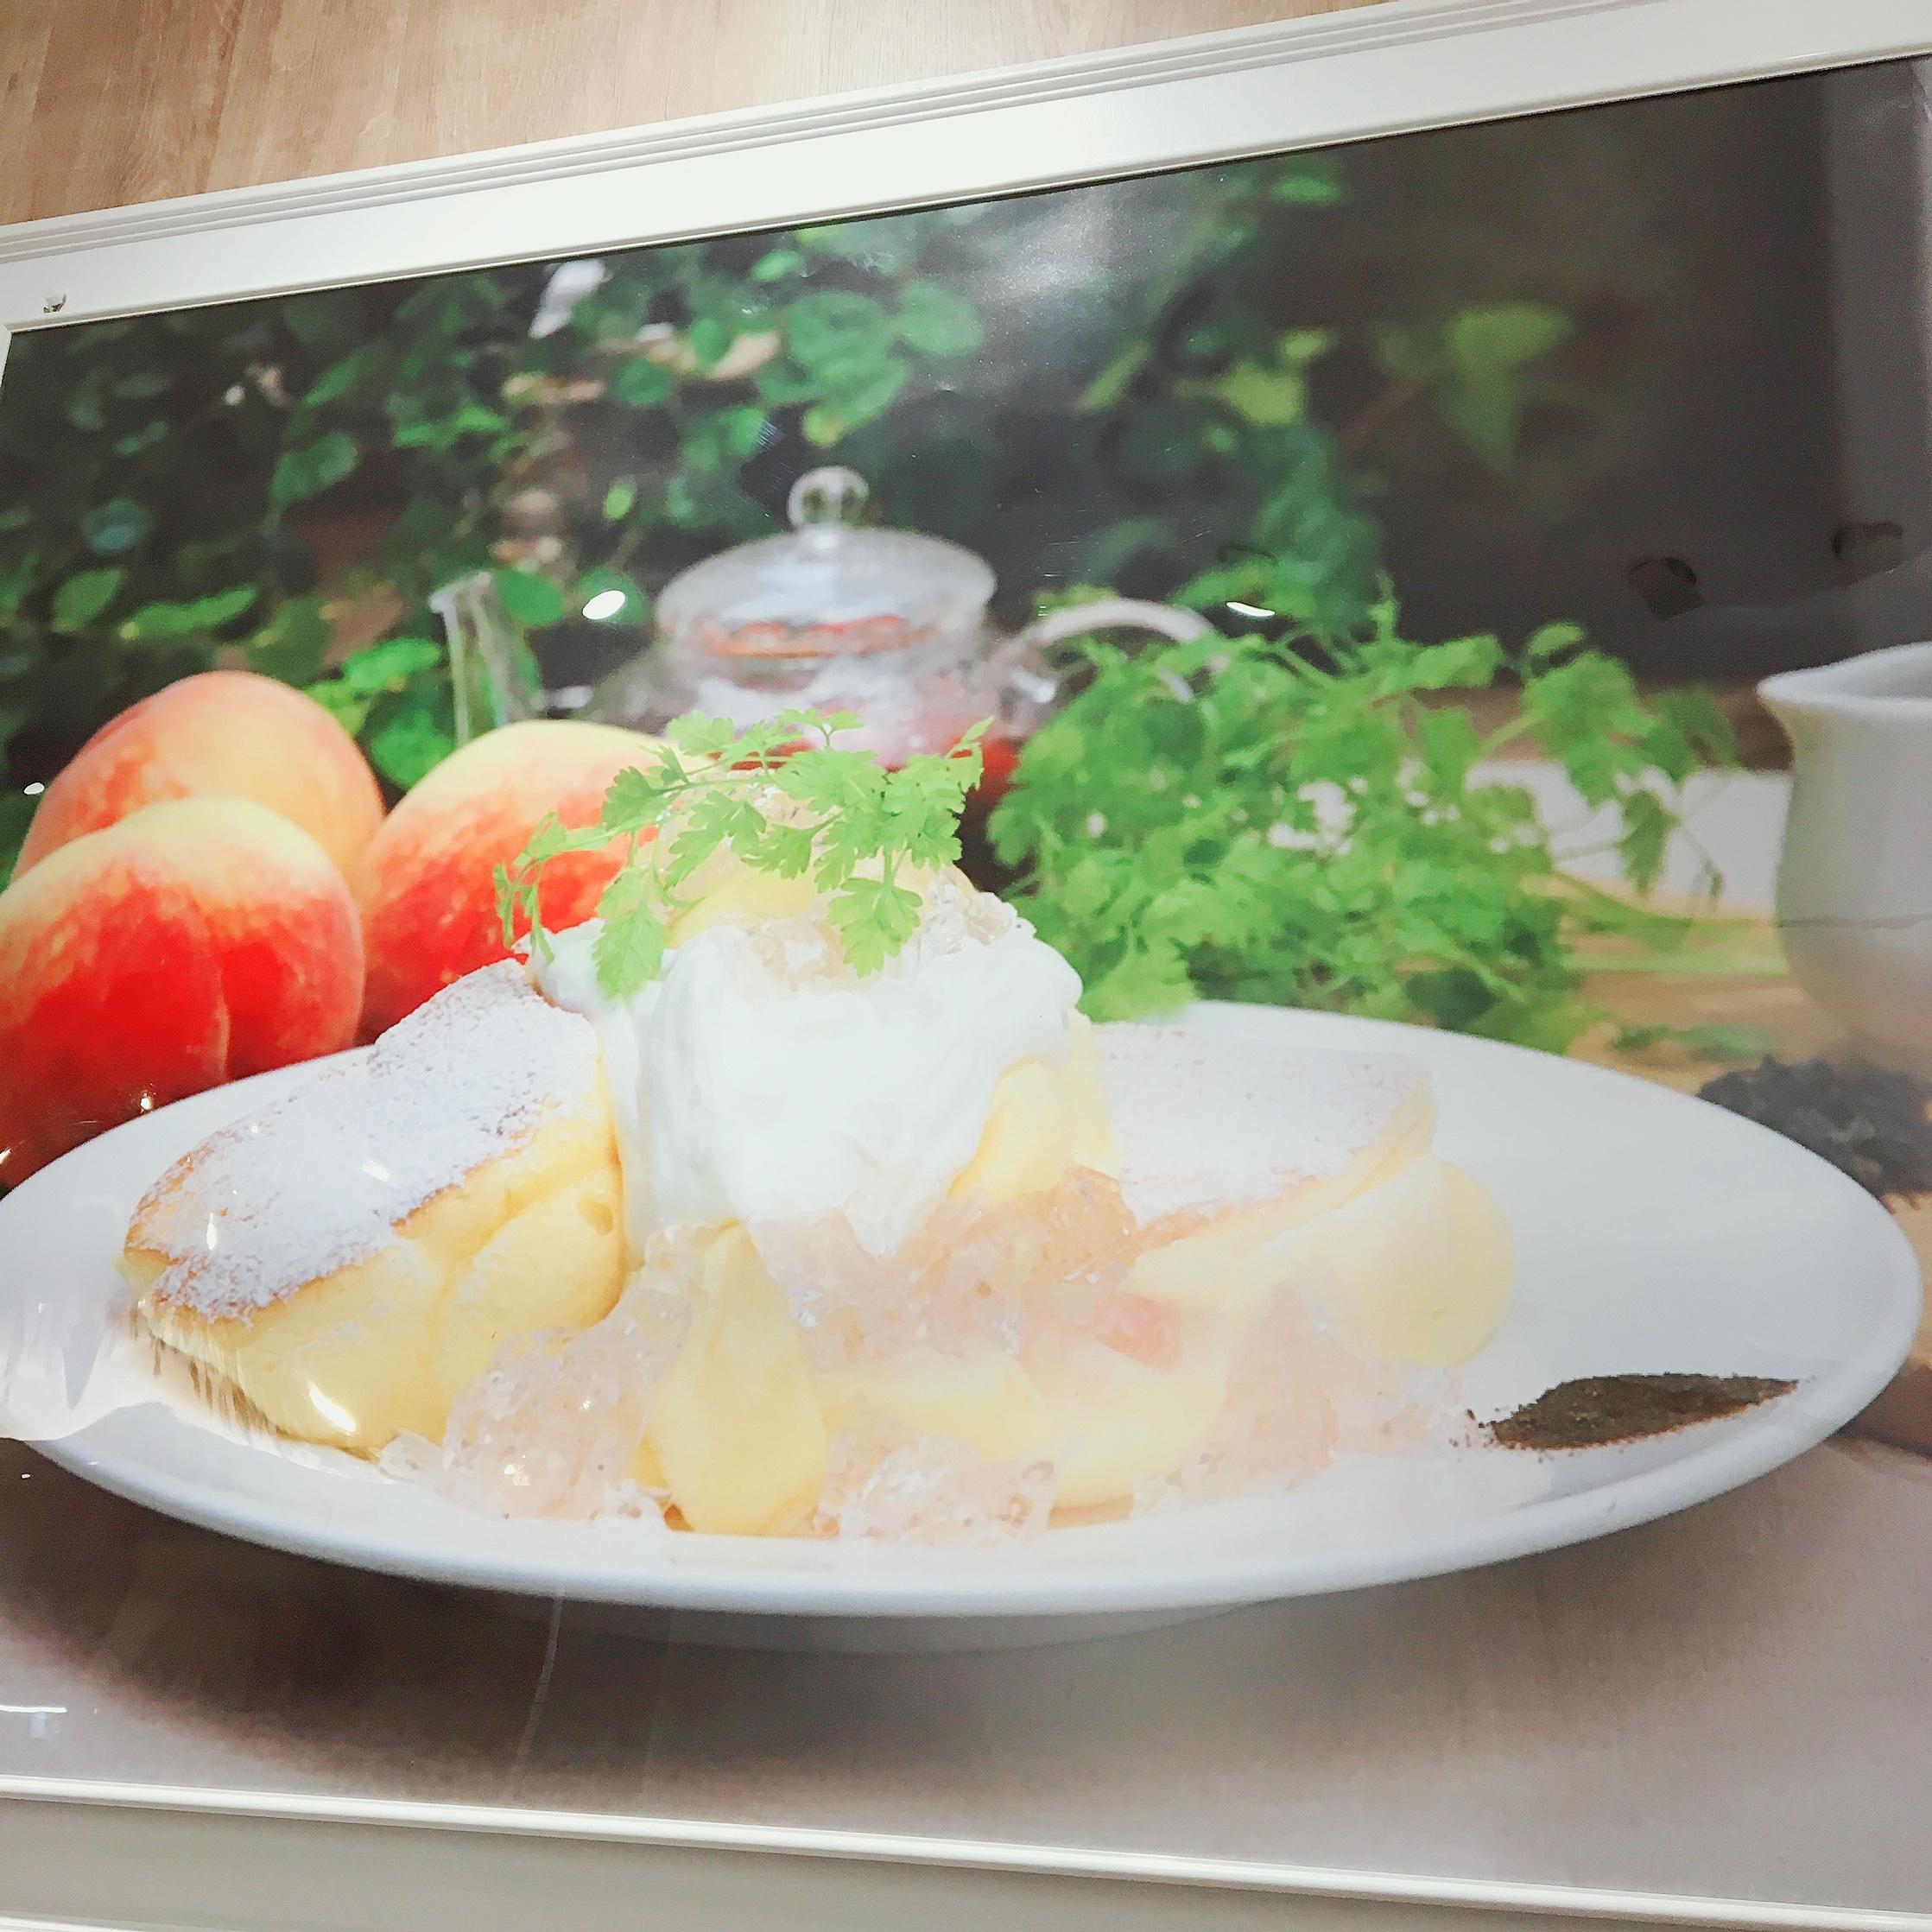 【幸せのパンケーキ】期間限定!国産白桃のローズヒップピーチパンケーキ♡_1_1